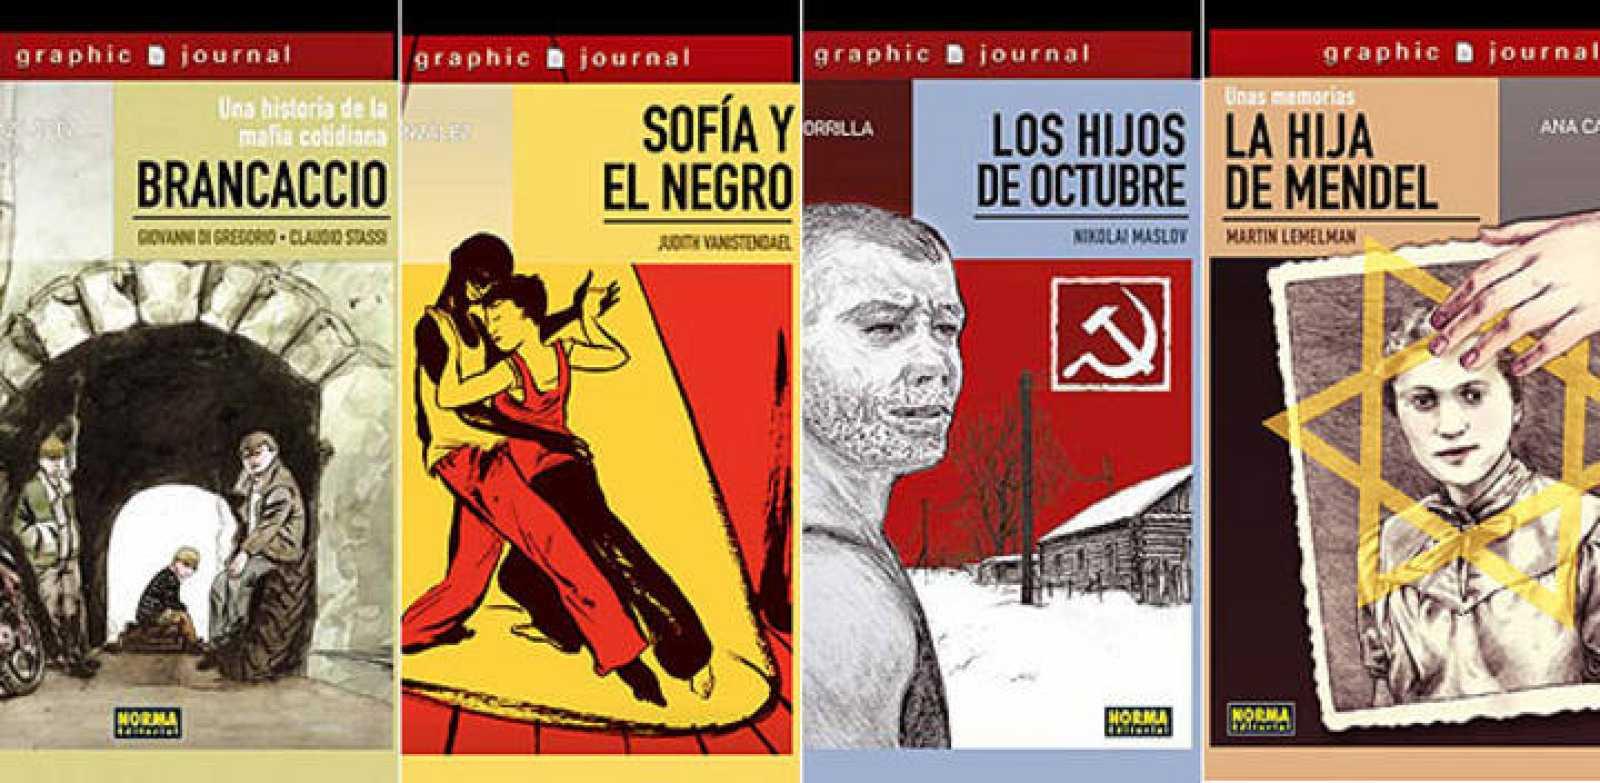 Portadas de la colección 'Graphic Journal'